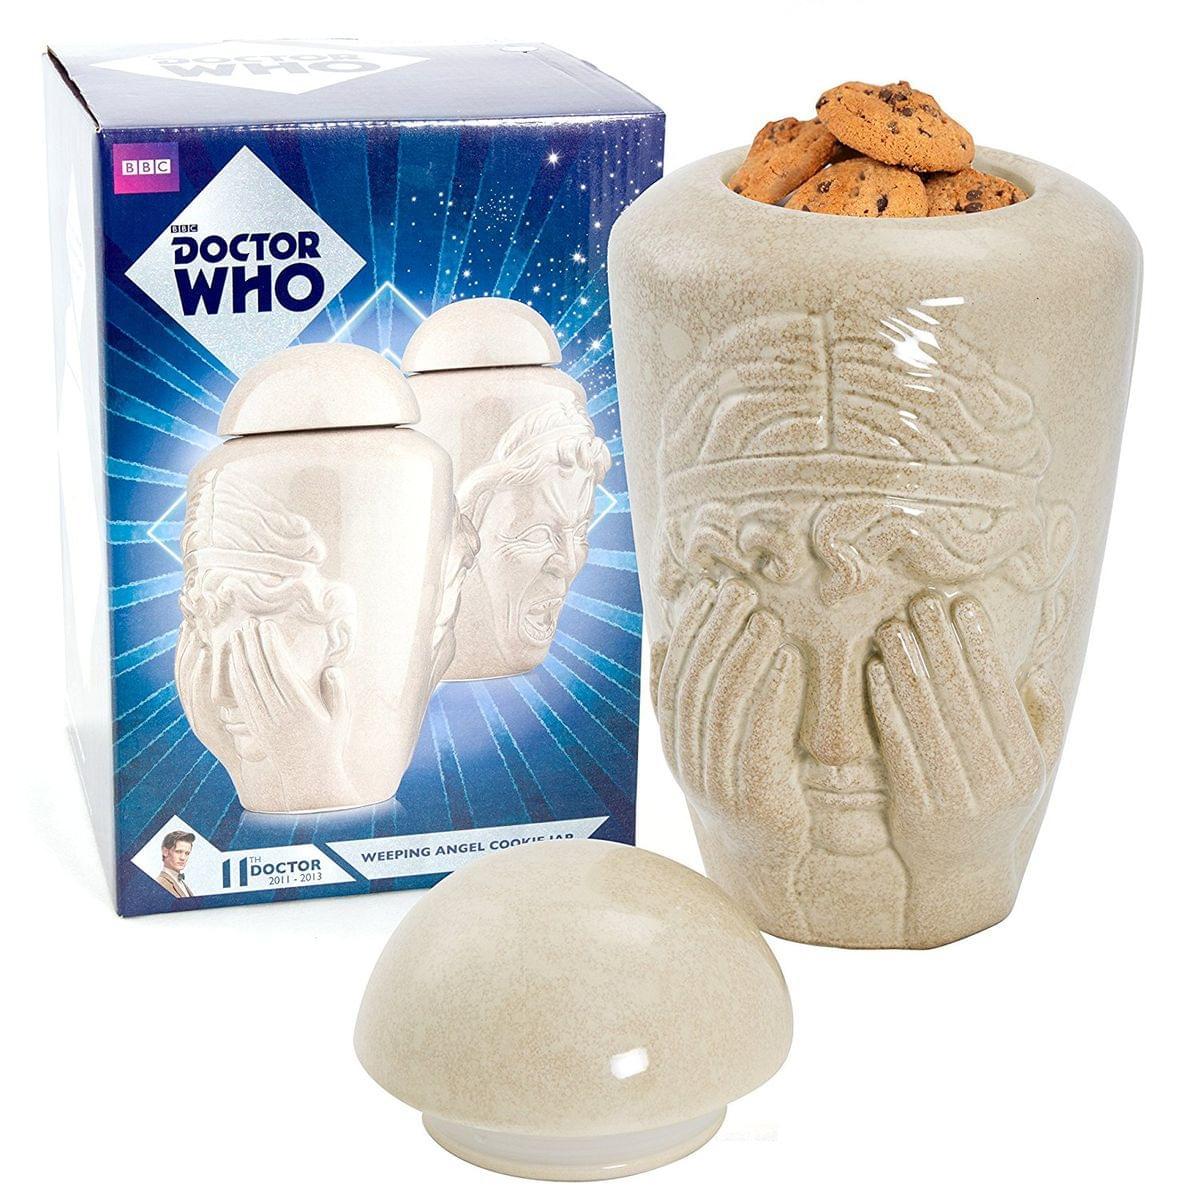 Doctor Who Weeping Angel Ceramic Cookie Jar